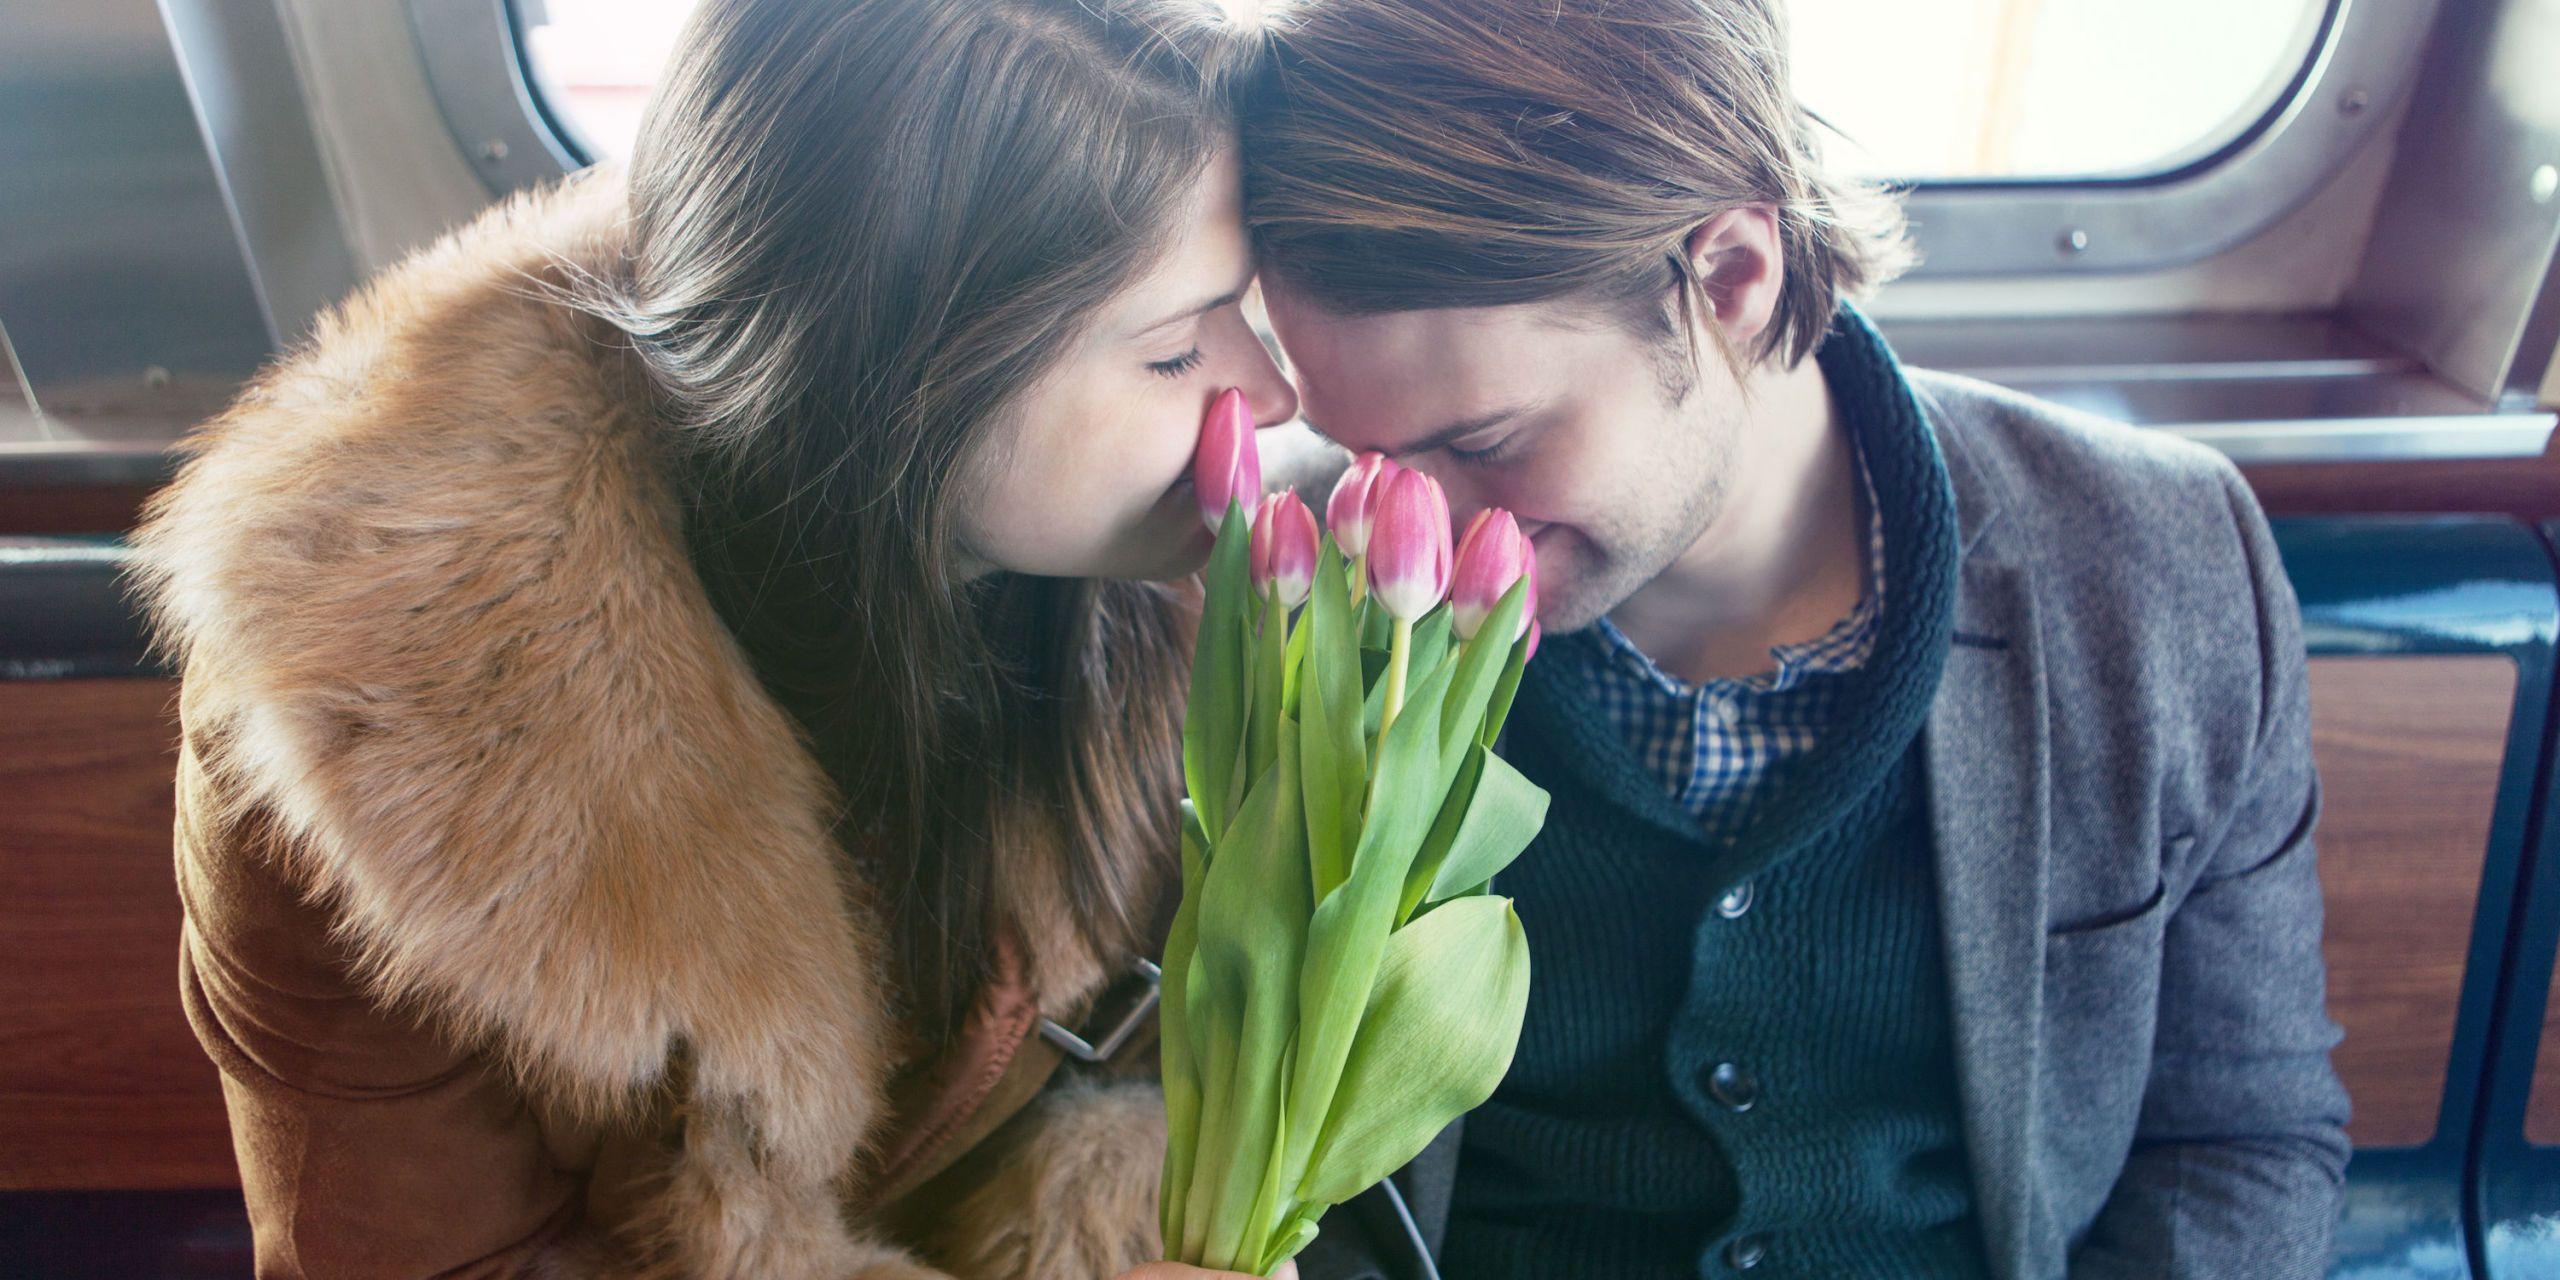 Ben noto 10 sorprese romantiche e un po' folli per lui o per lei QV27